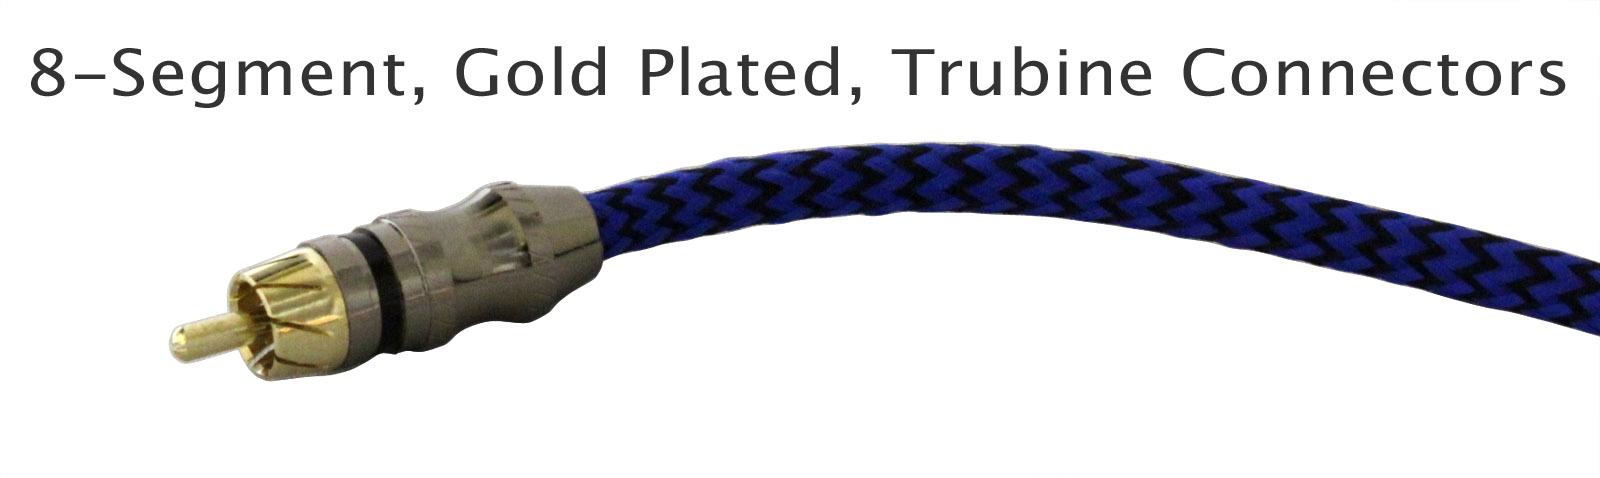 Lg headphones bluetooth blue - yamaha headphones bluetooth